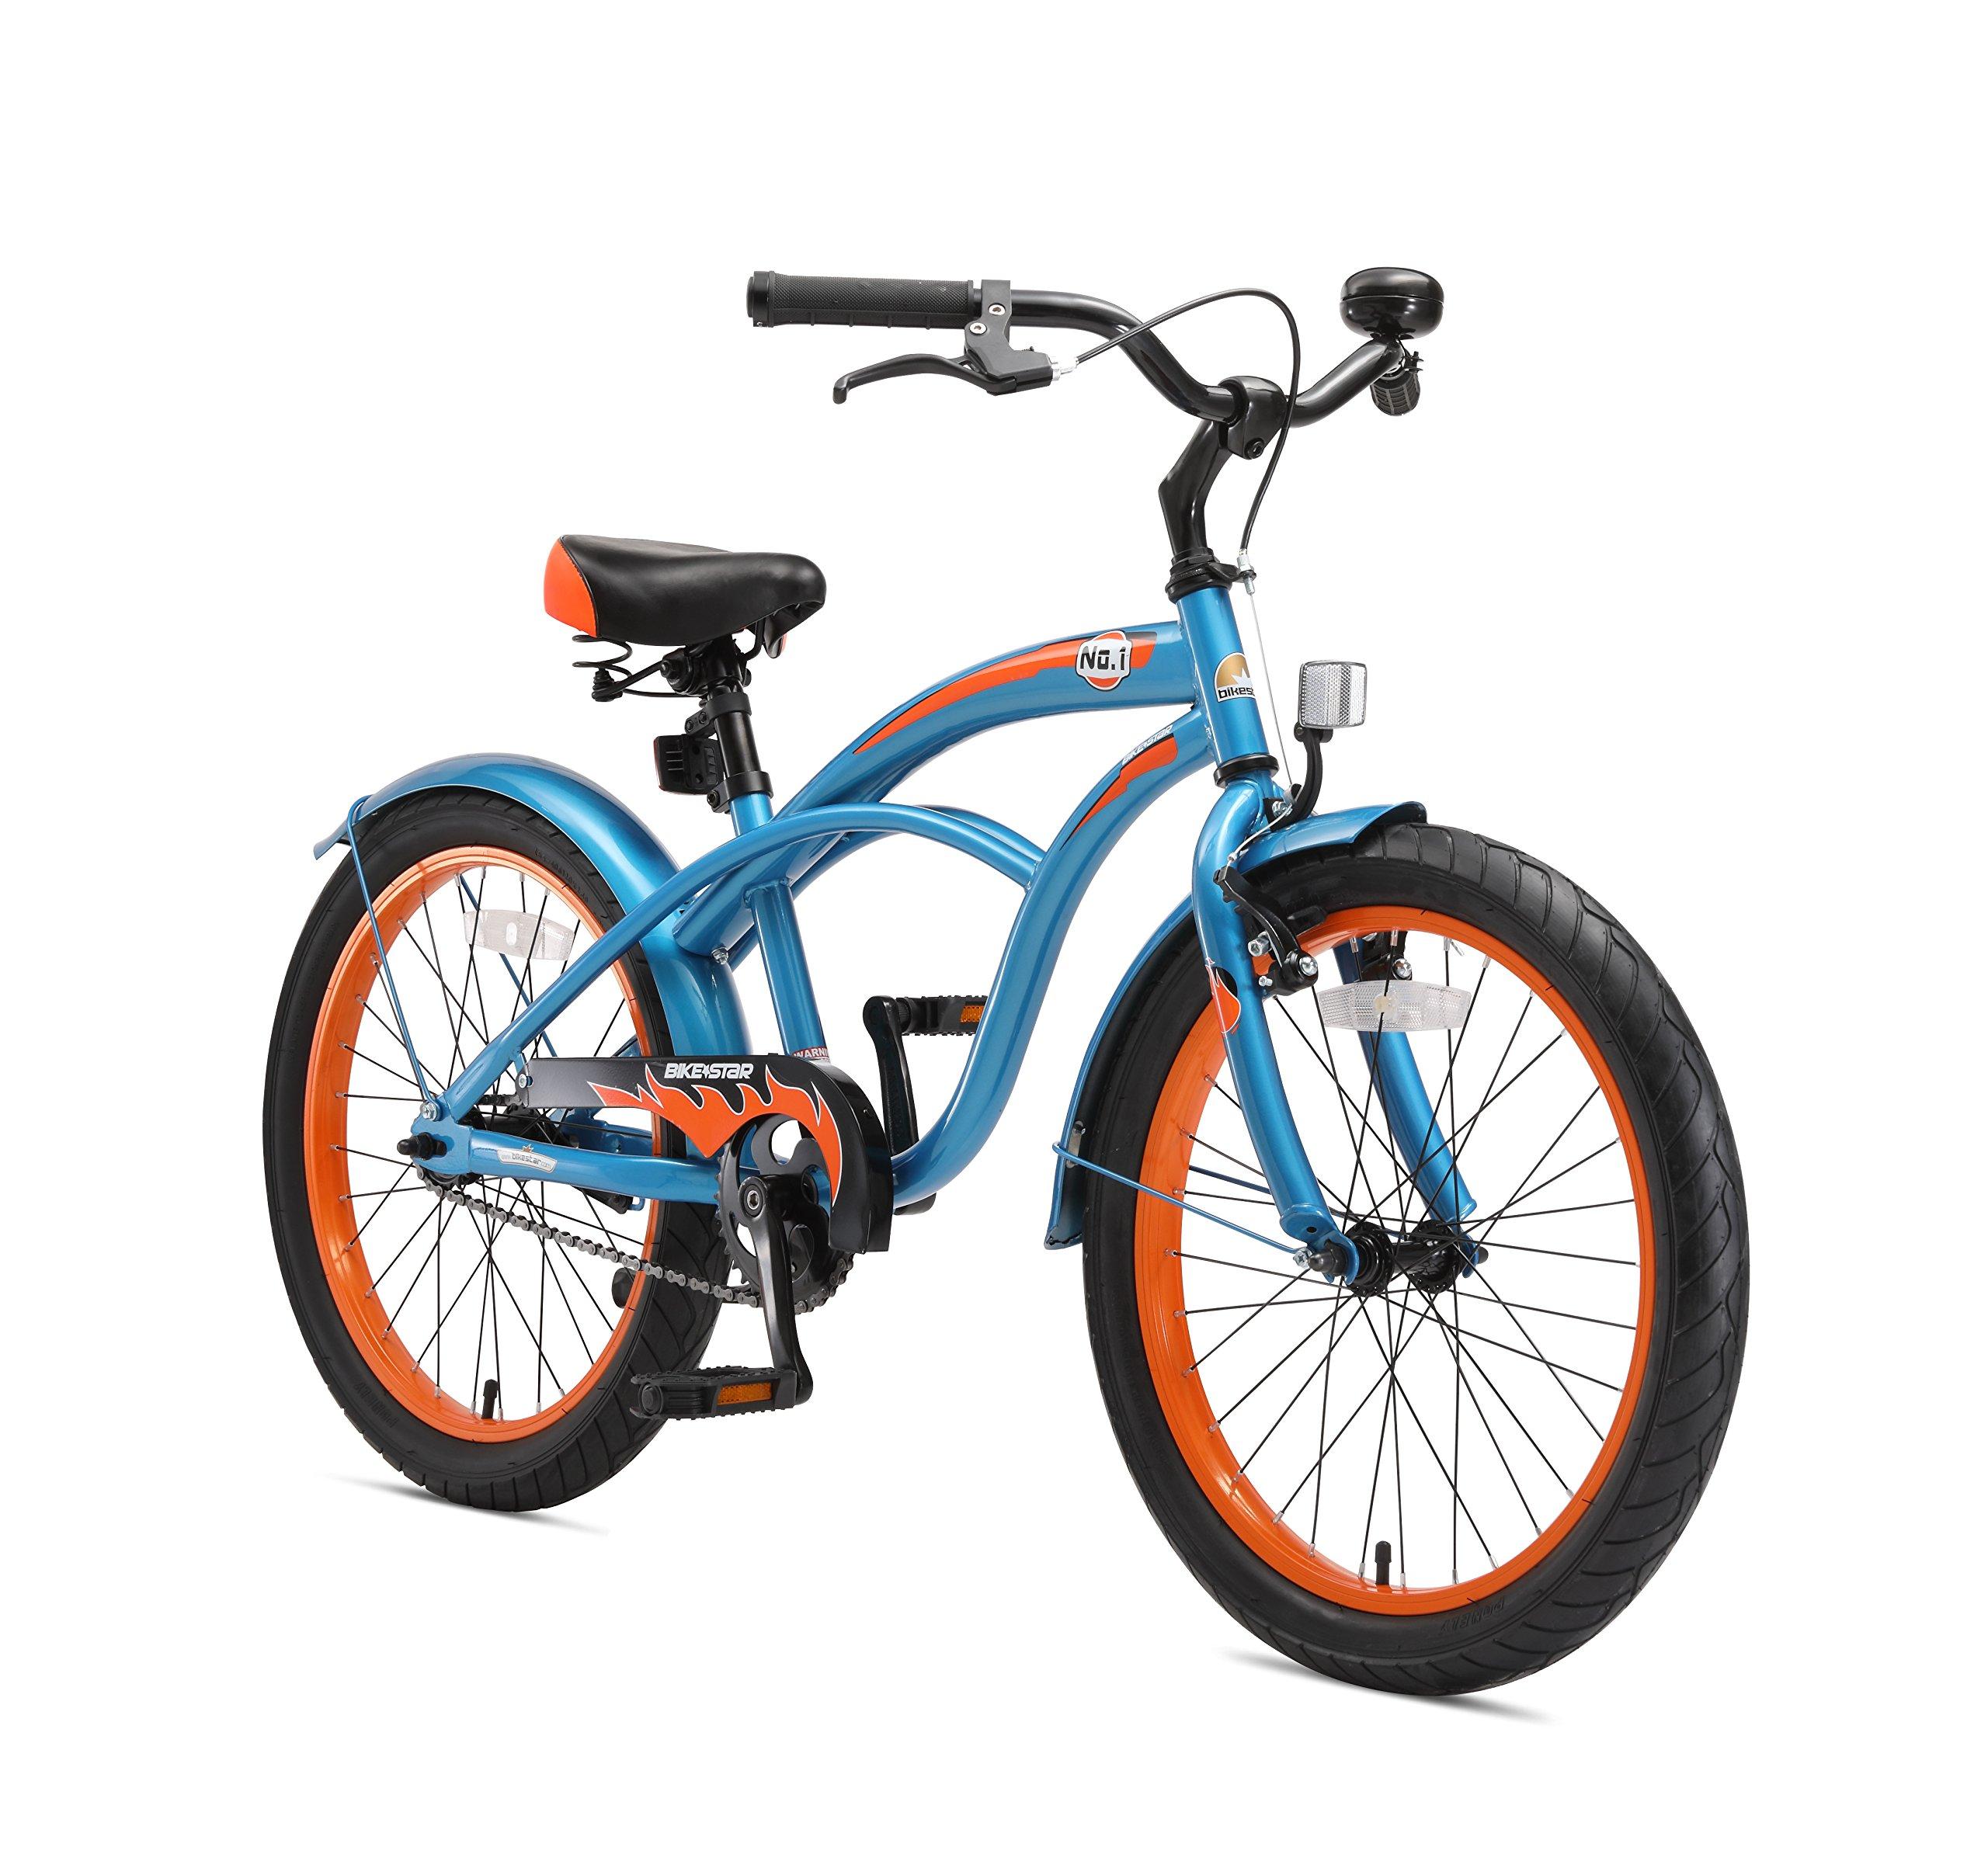 BIKESTAR Bicicleta para niños ☆ 20 Pulgadas ☆ Color Azul ☆ Frenos de Tiro Lateral y